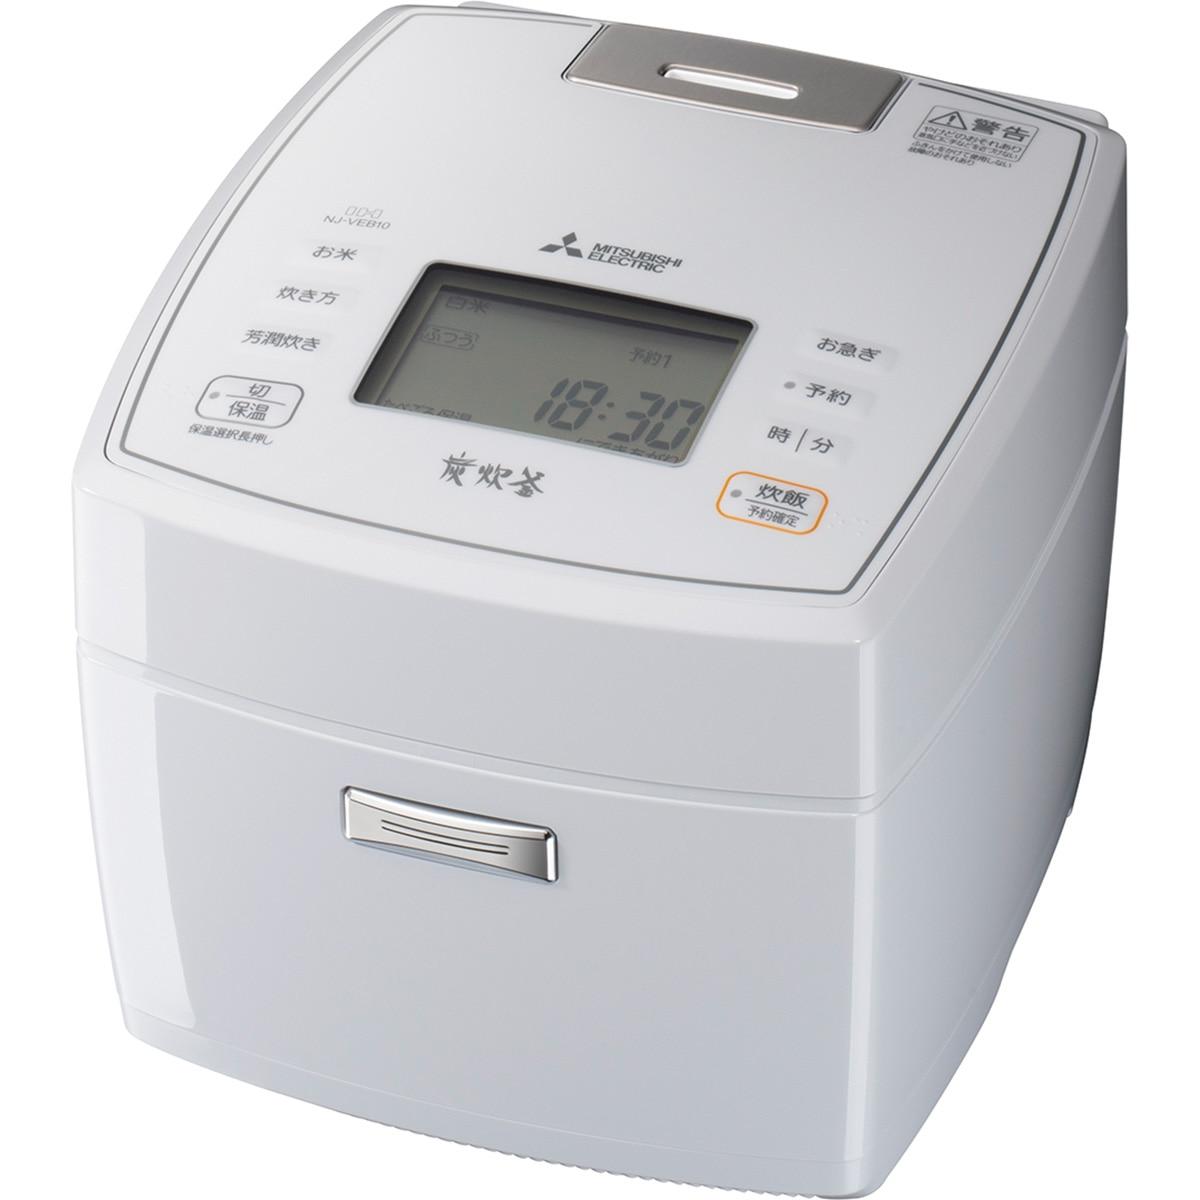 三菱電機 IH炊飯器 炭炊釜 5.5合炊き 月白 NJ-VEB10-W